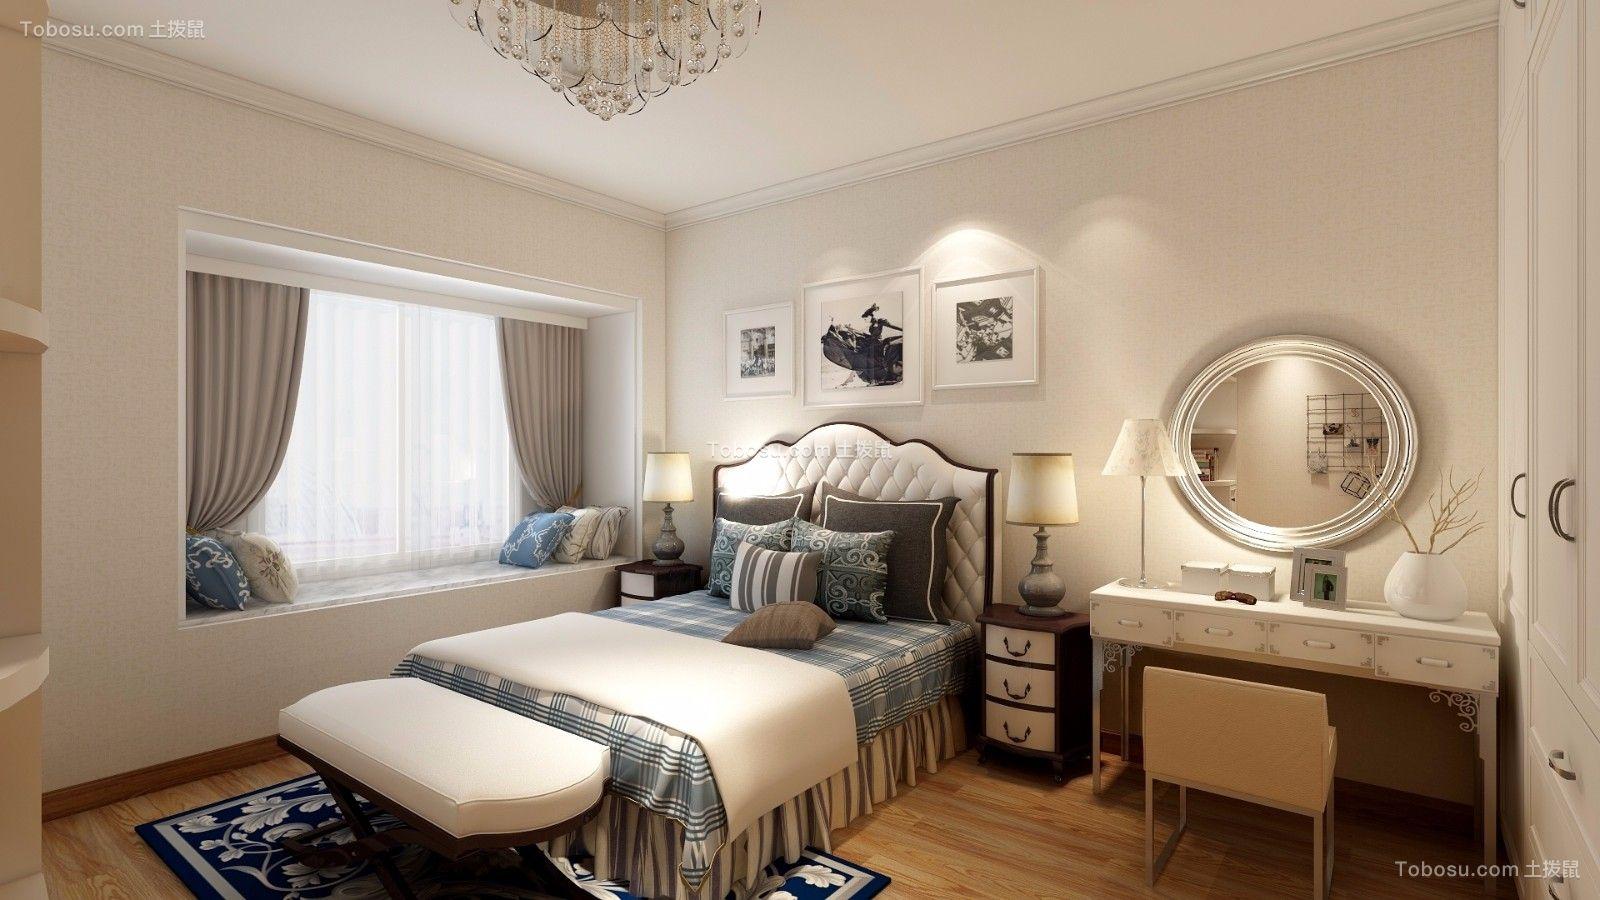 卧室飘窗欧式风格装饰设计图片图片